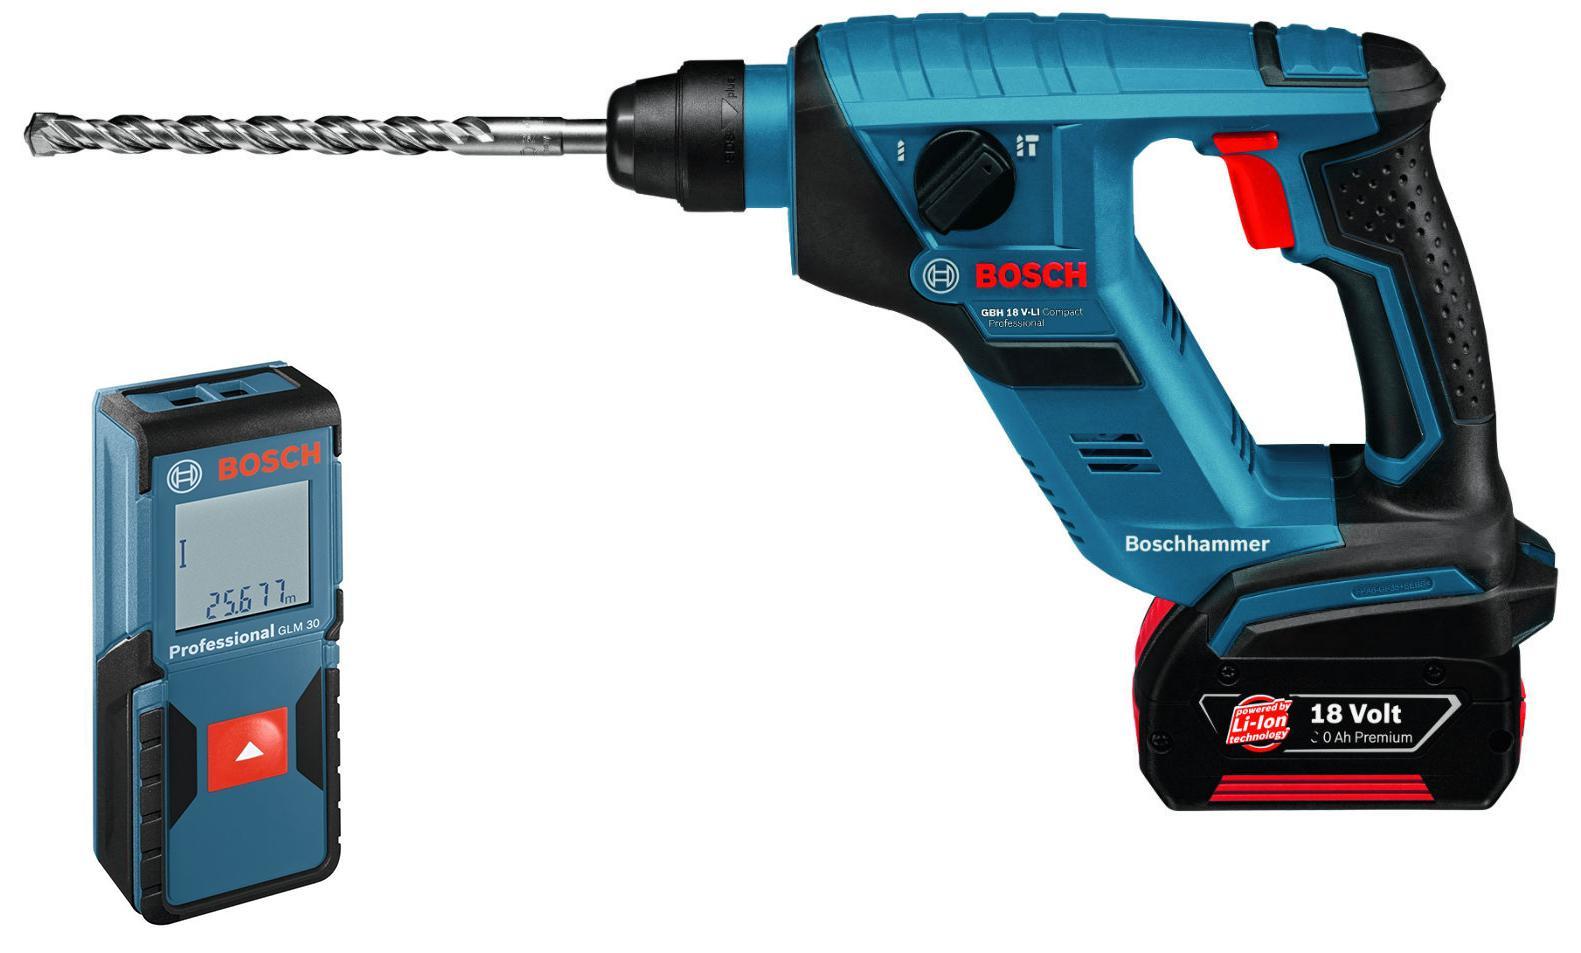 Набор Bosch Перфоратор 611905308 gbh 18 v-li compact (0.611.905.308) +Дальномер glm 30 (0.601.072.500)